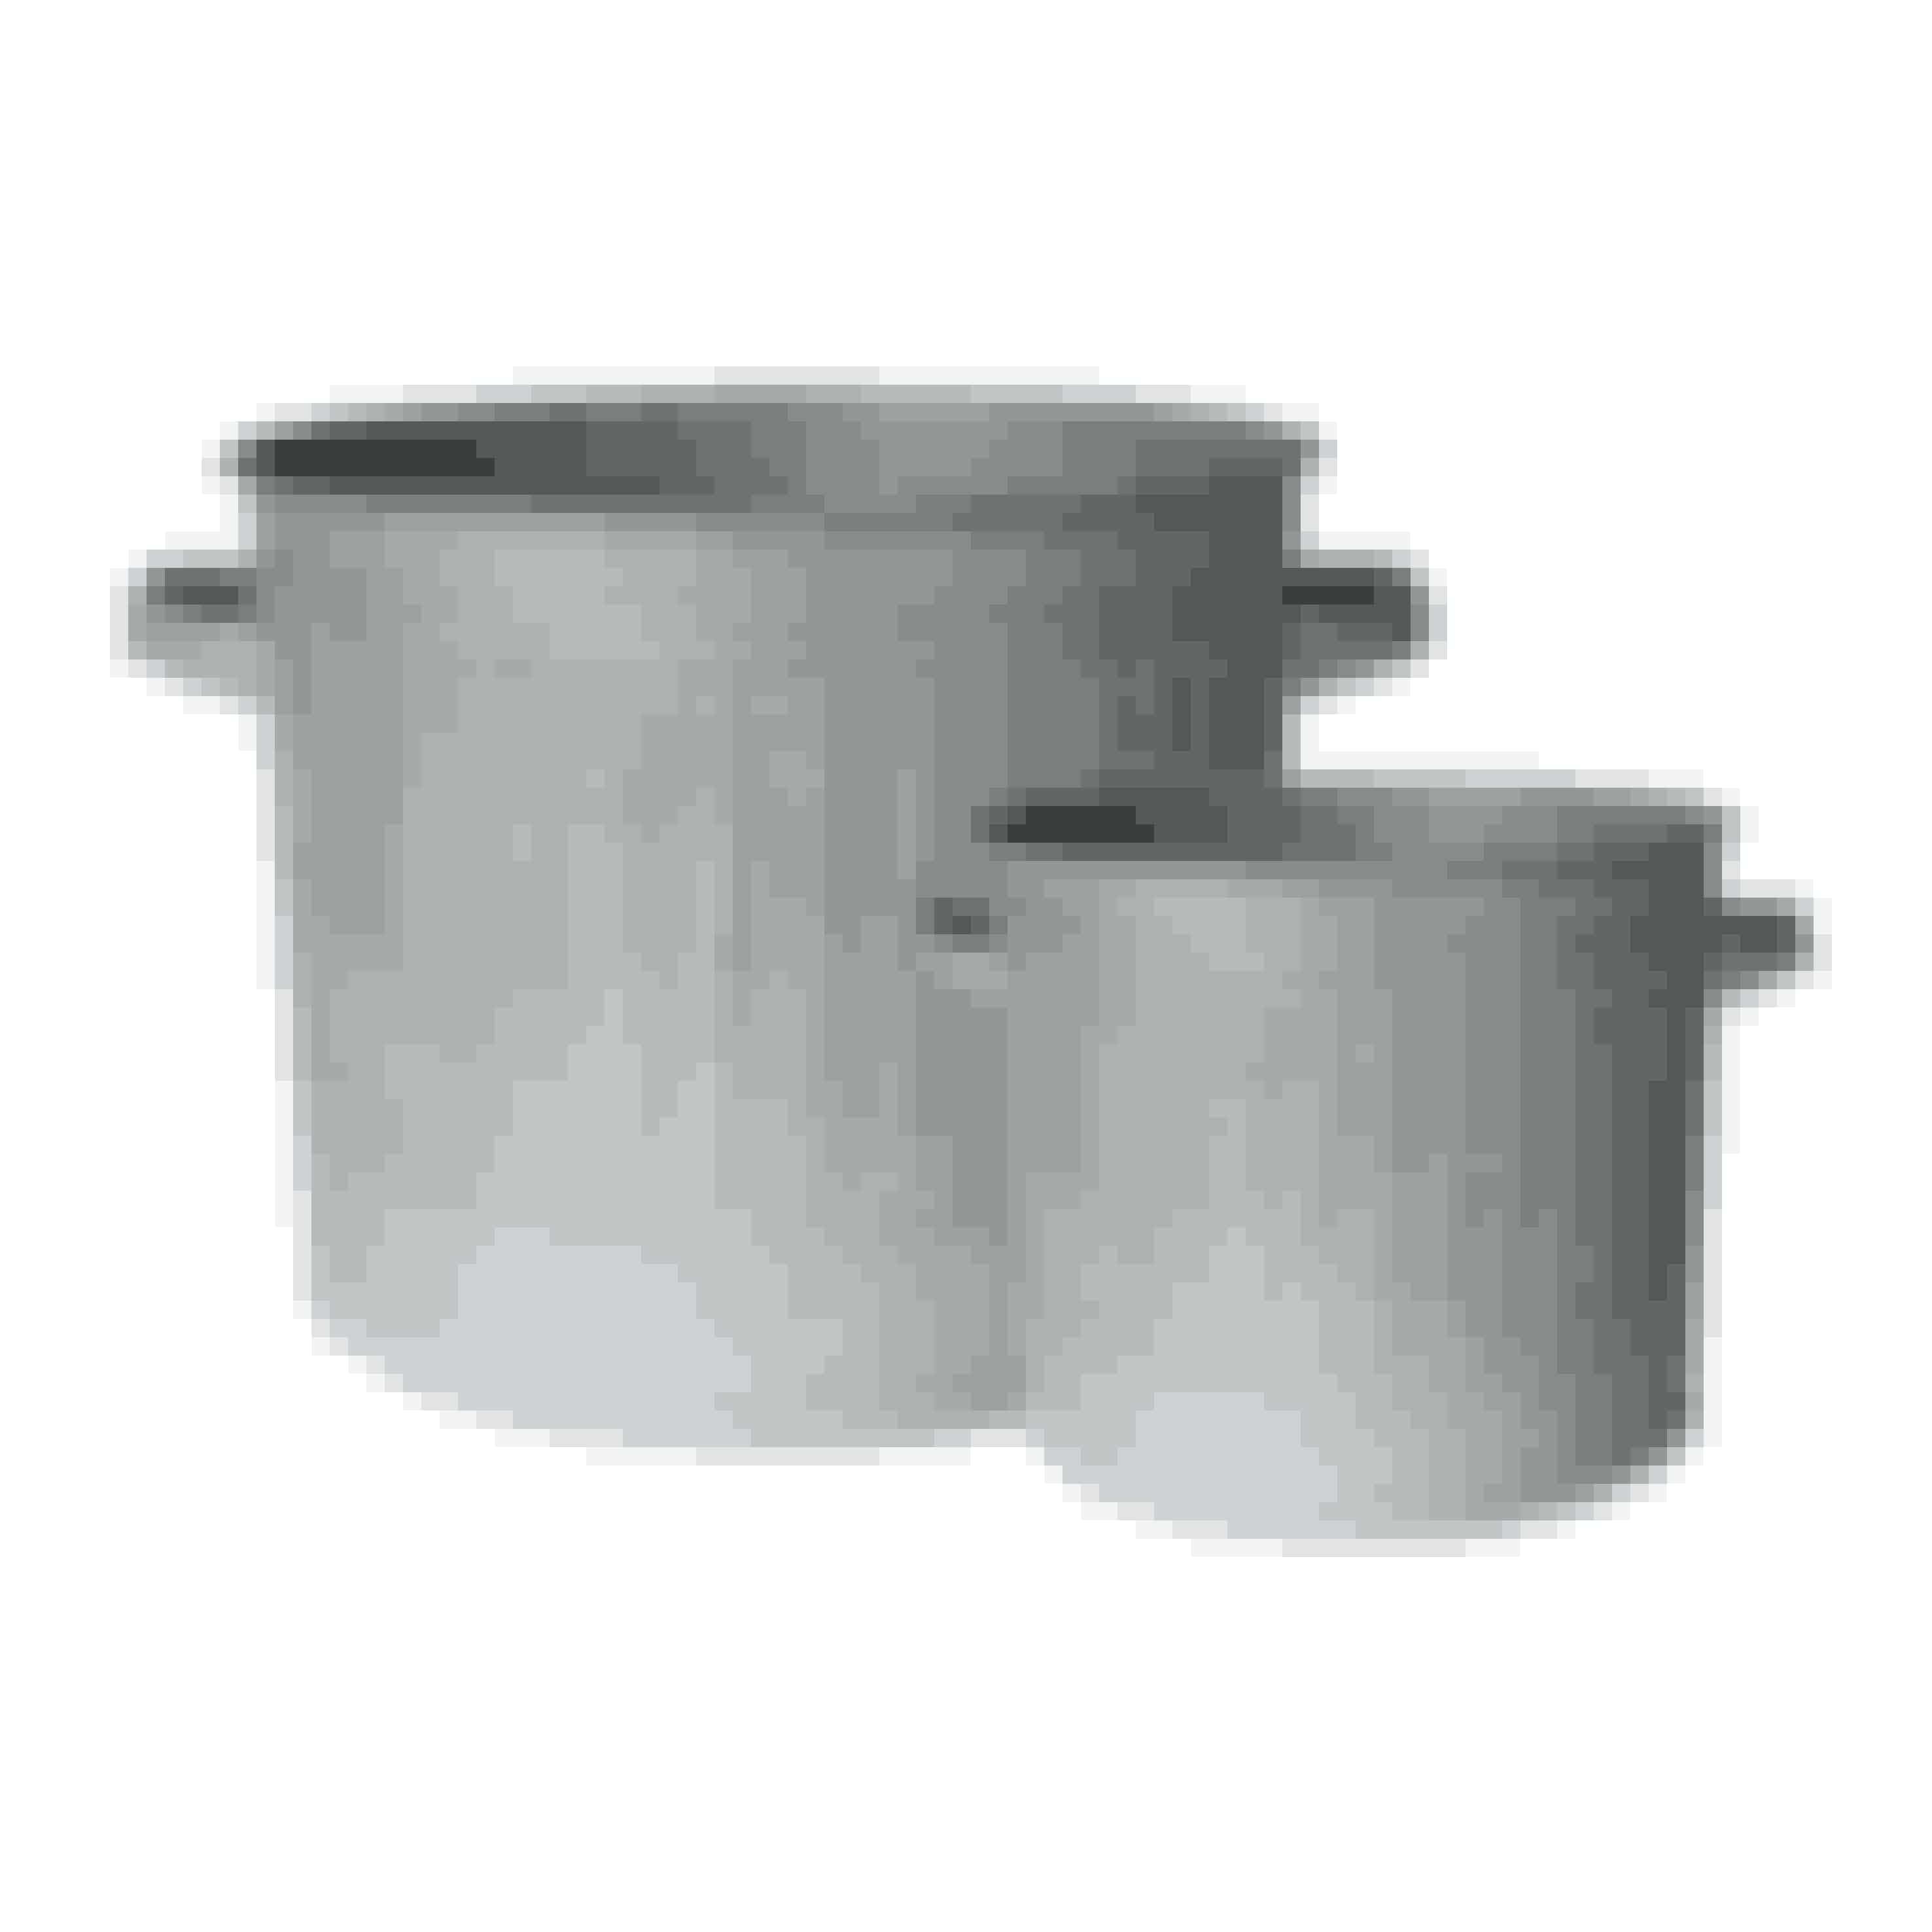 Cylinderformede zink potter med riller og håndtag. Mål: Lille: 26x26cm, stor: 40x40cm. Pris: 279,30 kr. Køb dem her!